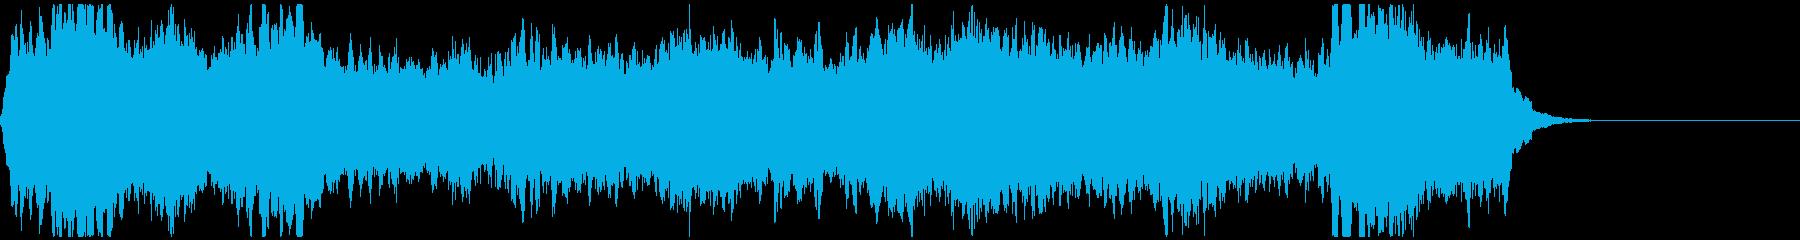 ストリングス/爽やかな四重奏の再生済みの波形